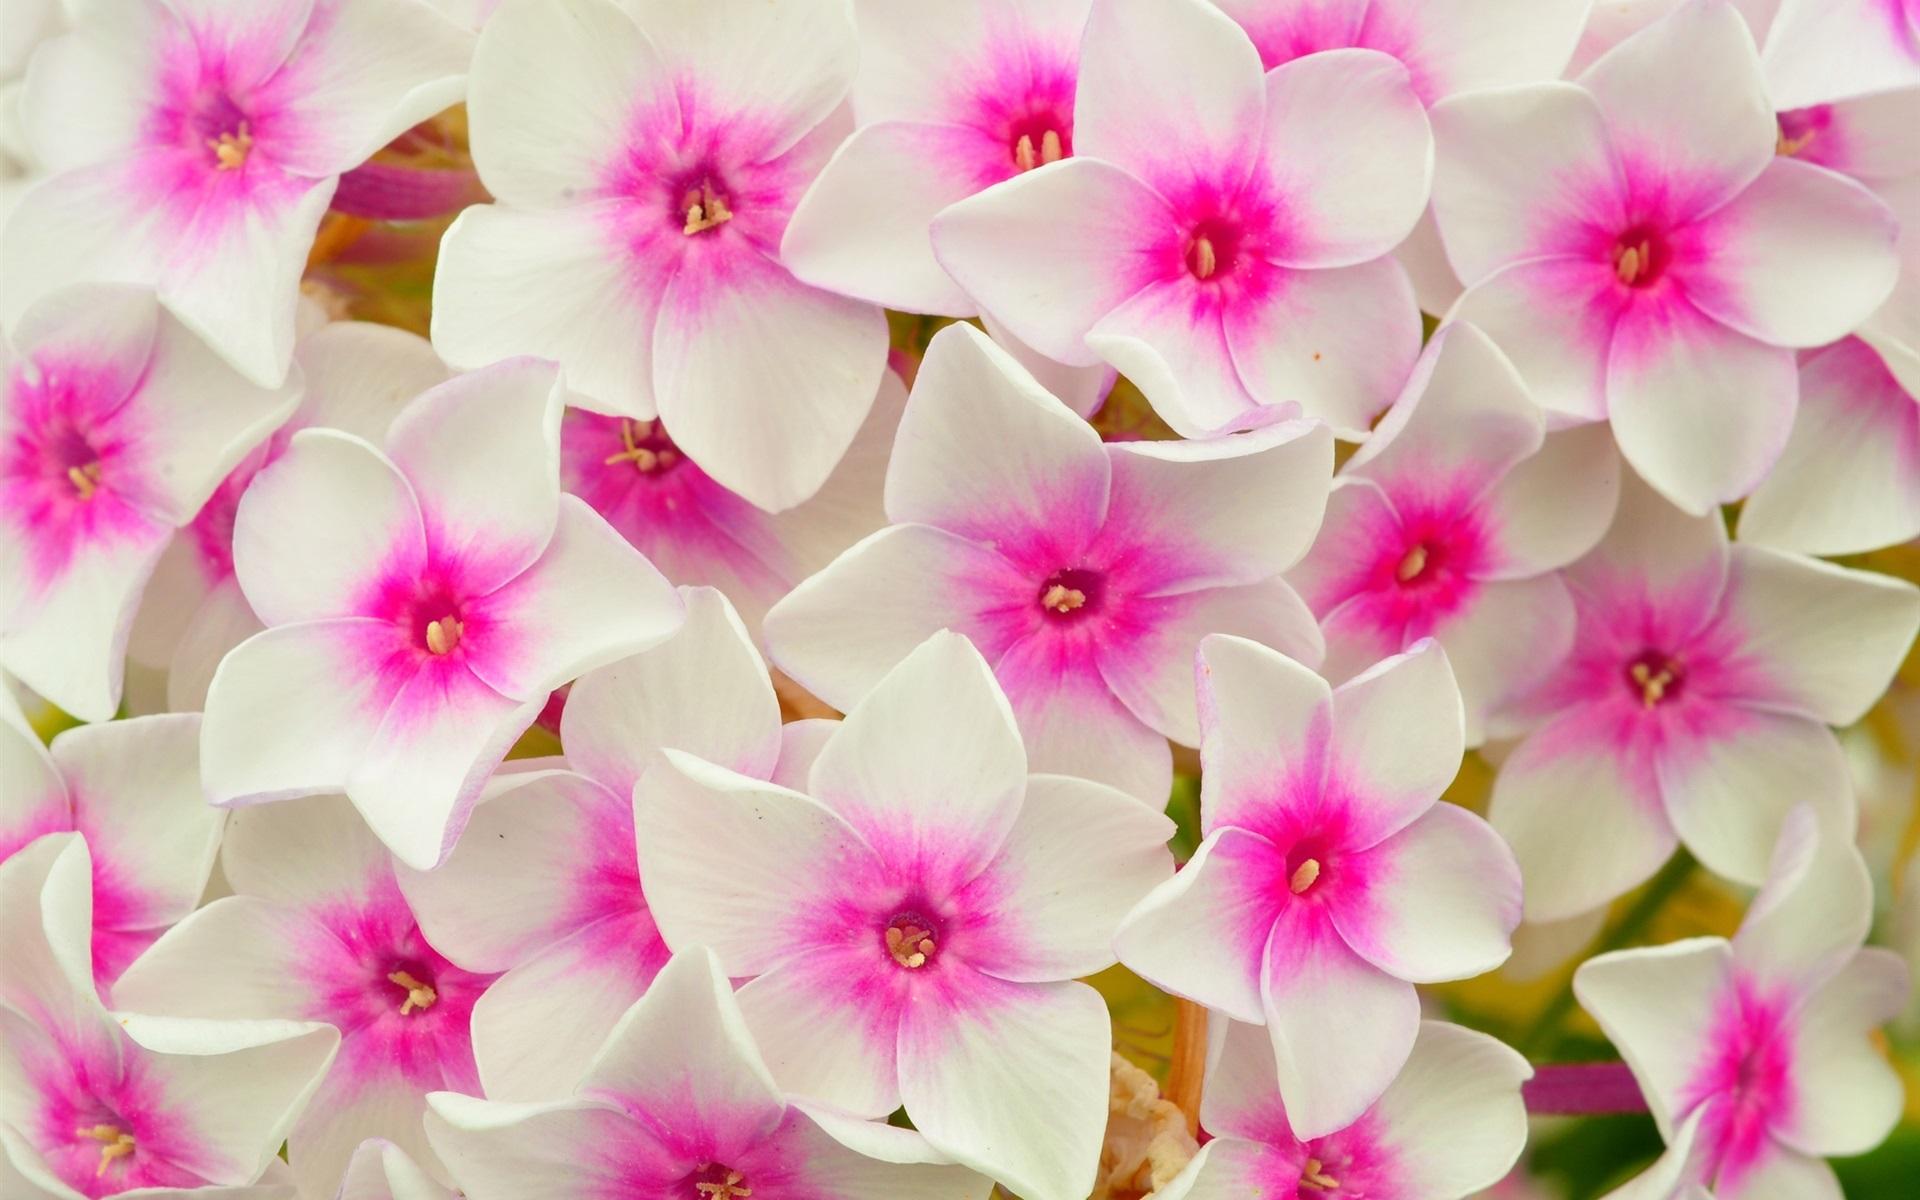 розово-белые цветы бесплатно